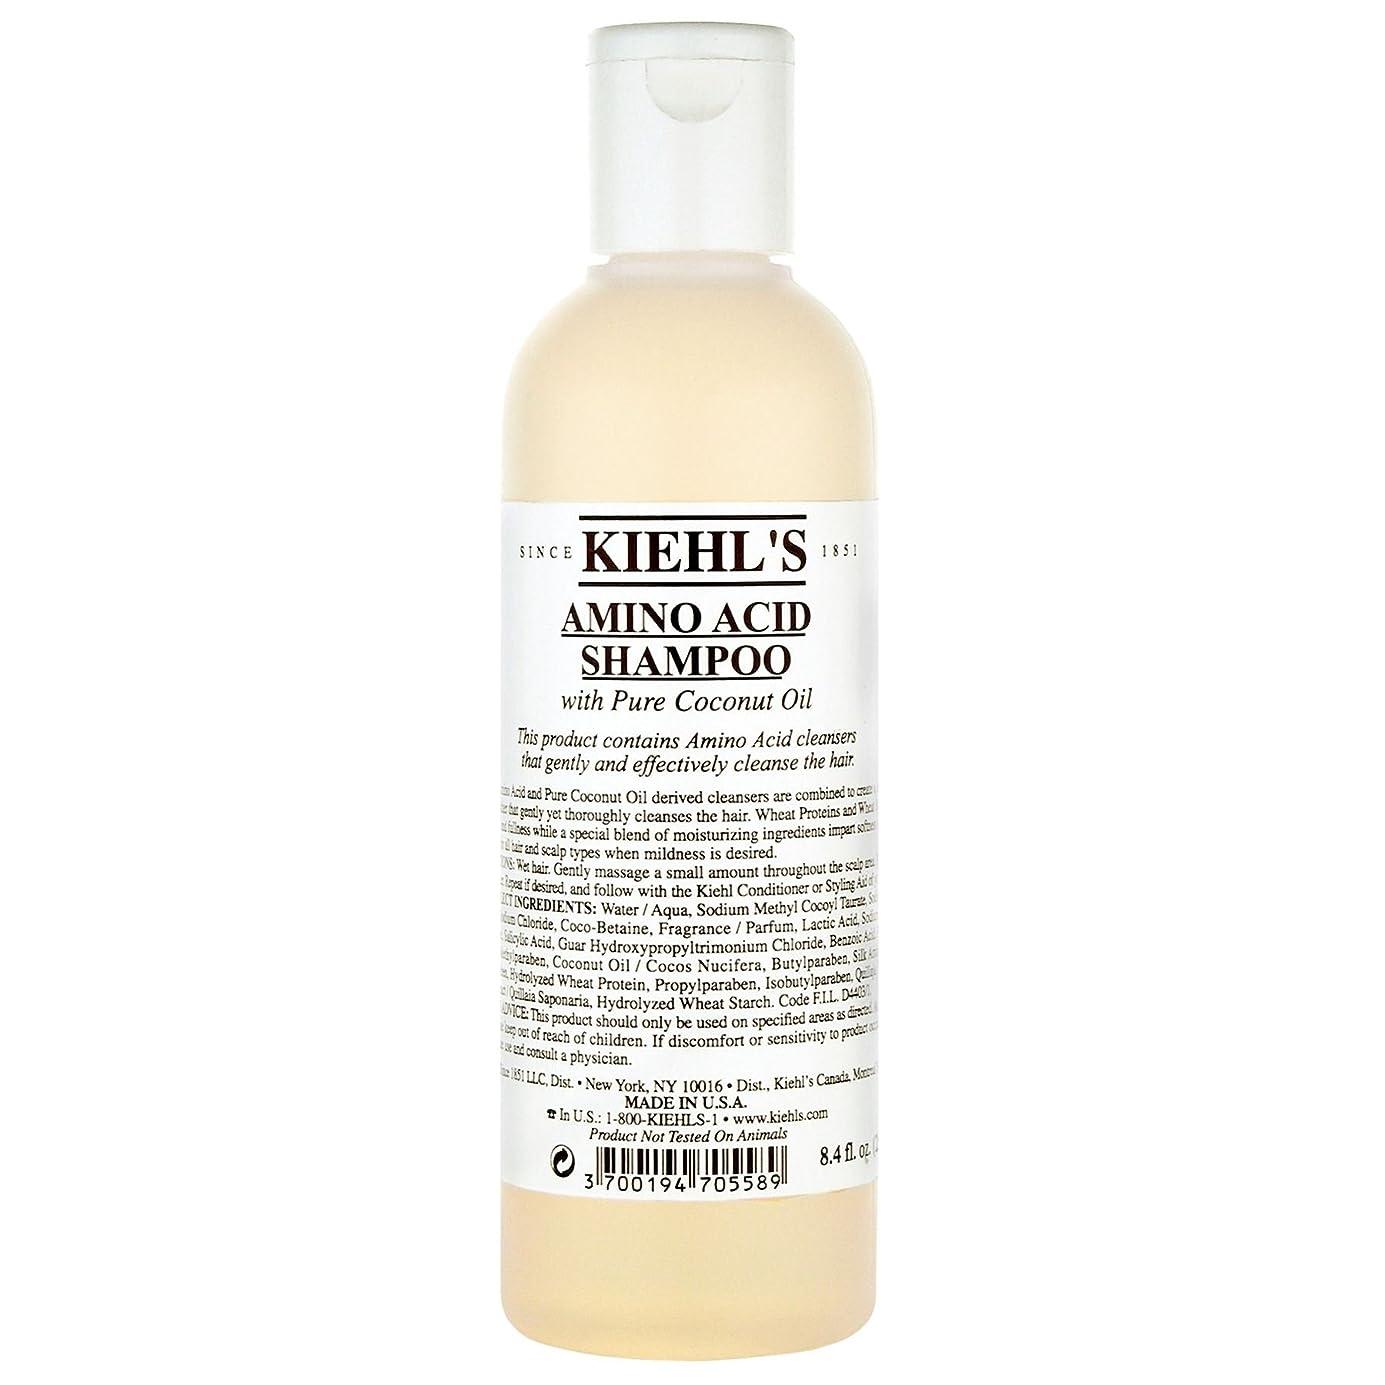 どっち敬の念過激派[Kiehl's ] キールズアミノ酸シャンプー250Ml - Kiehl's Amino Acid Shampoo 250ml [並行輸入品]